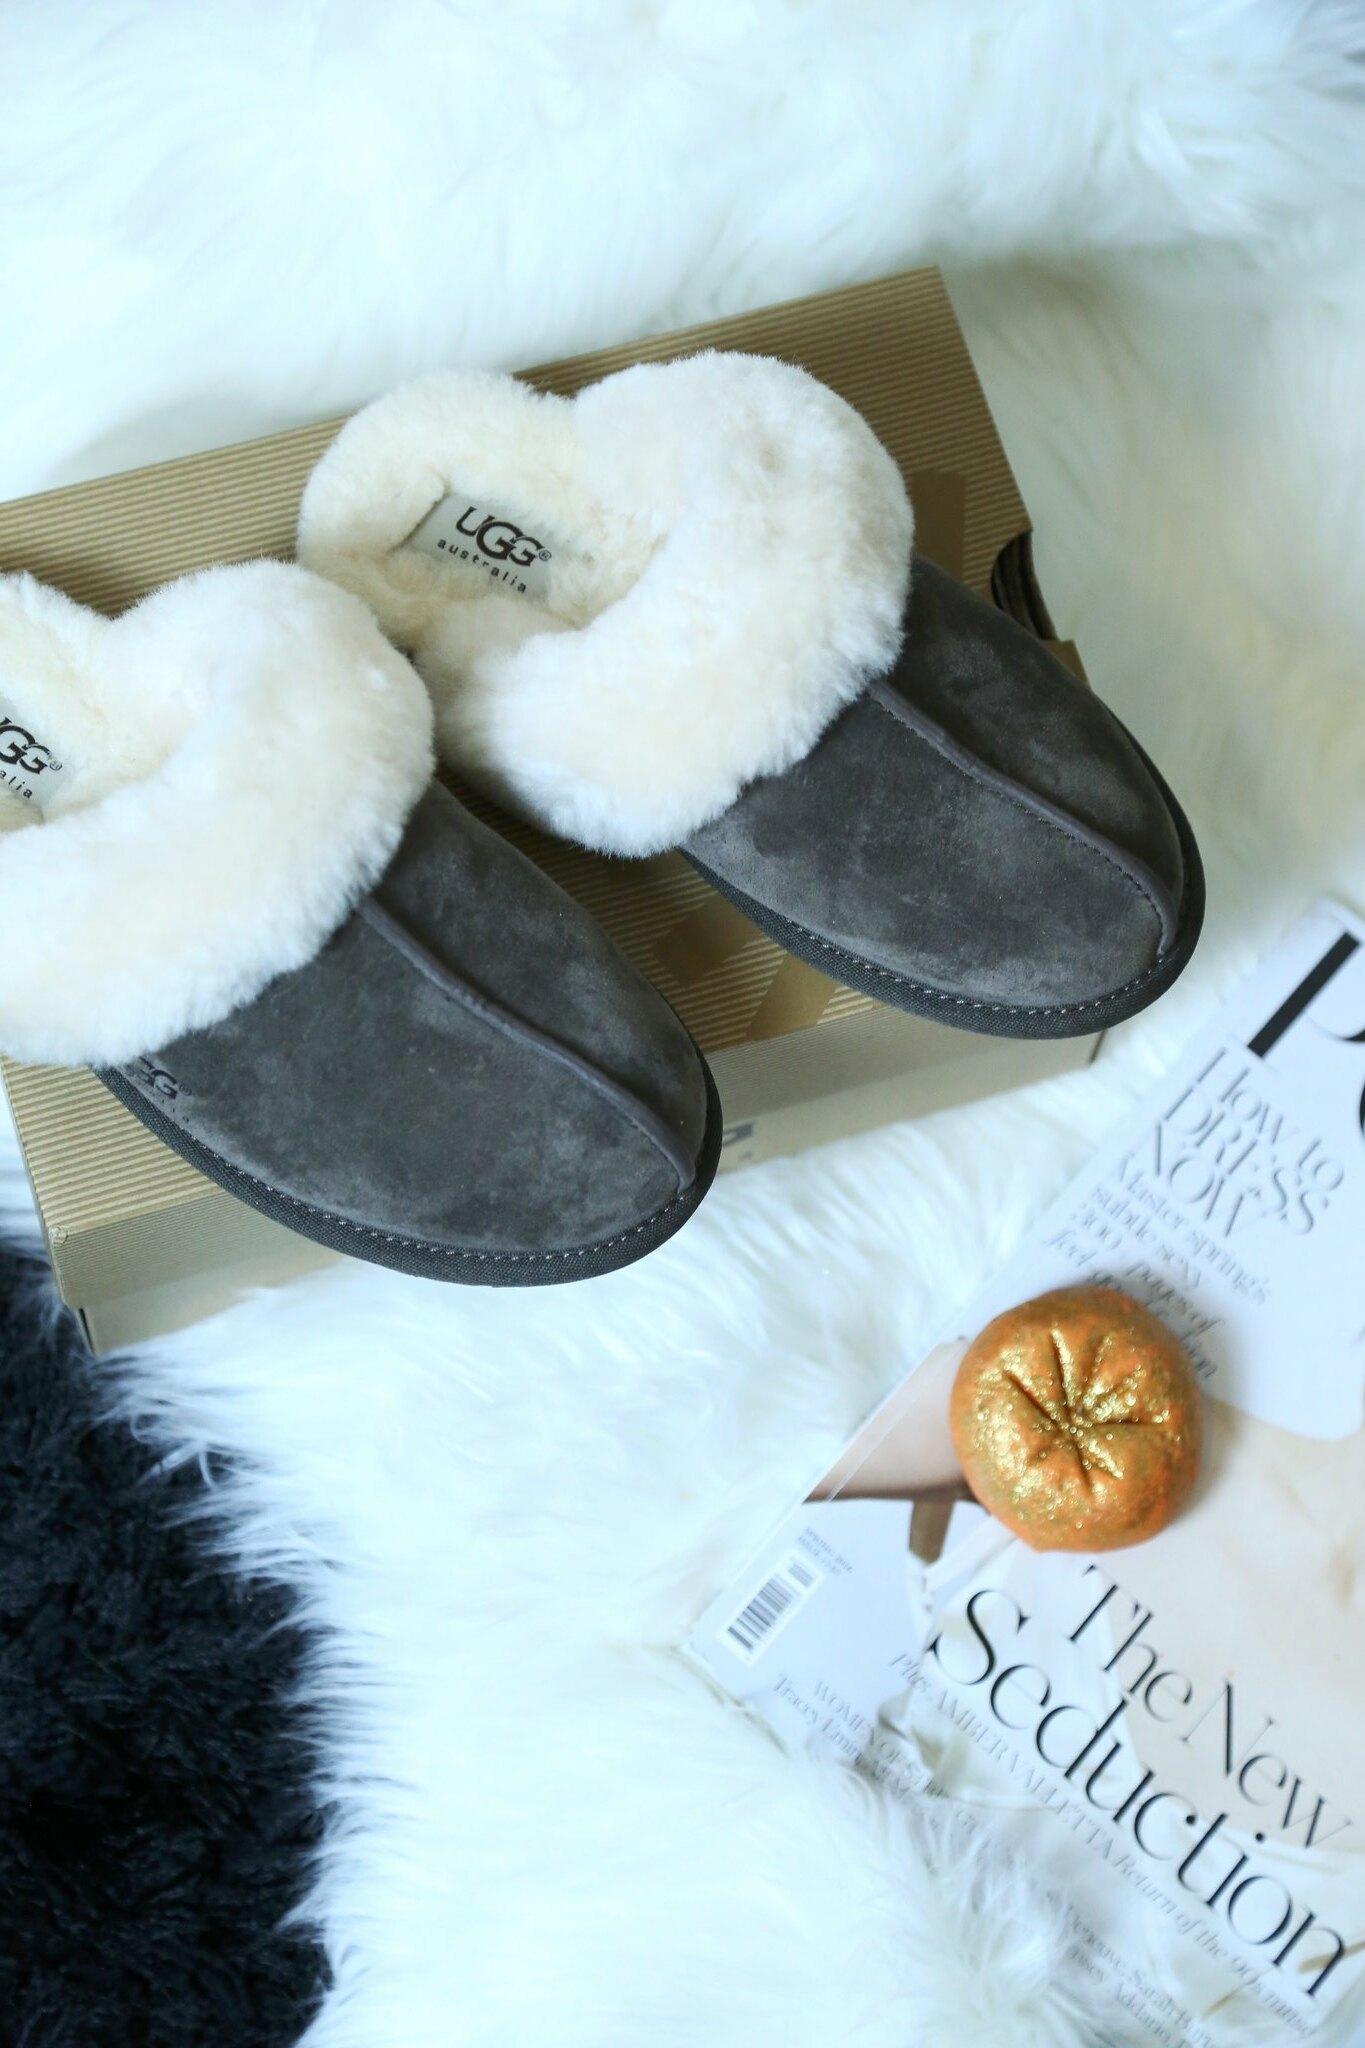 uggaustralia, krystelcouture, uggslippers, slippers, woolslippers, homecomforts,